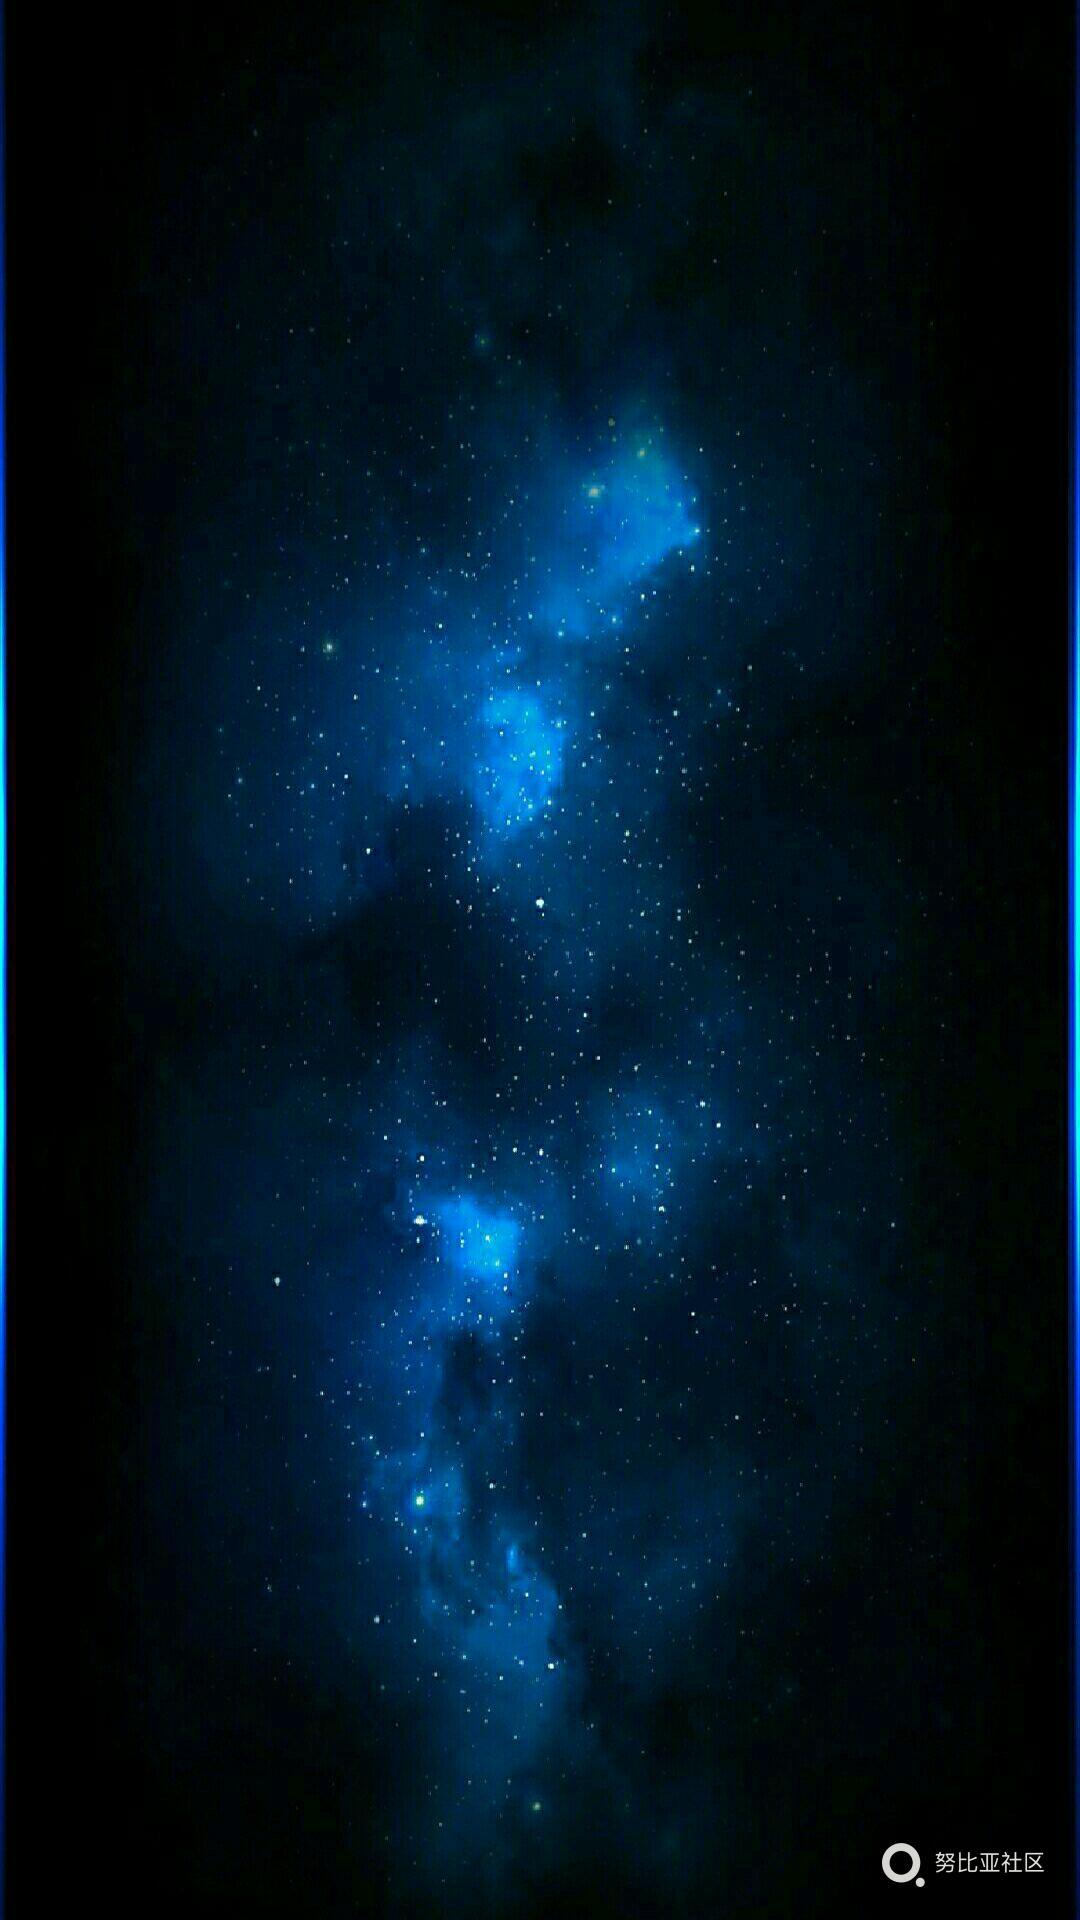 背景 壁纸 皮肤 星空 宇宙 桌面 1080_1920 竖版 竖屏 手机